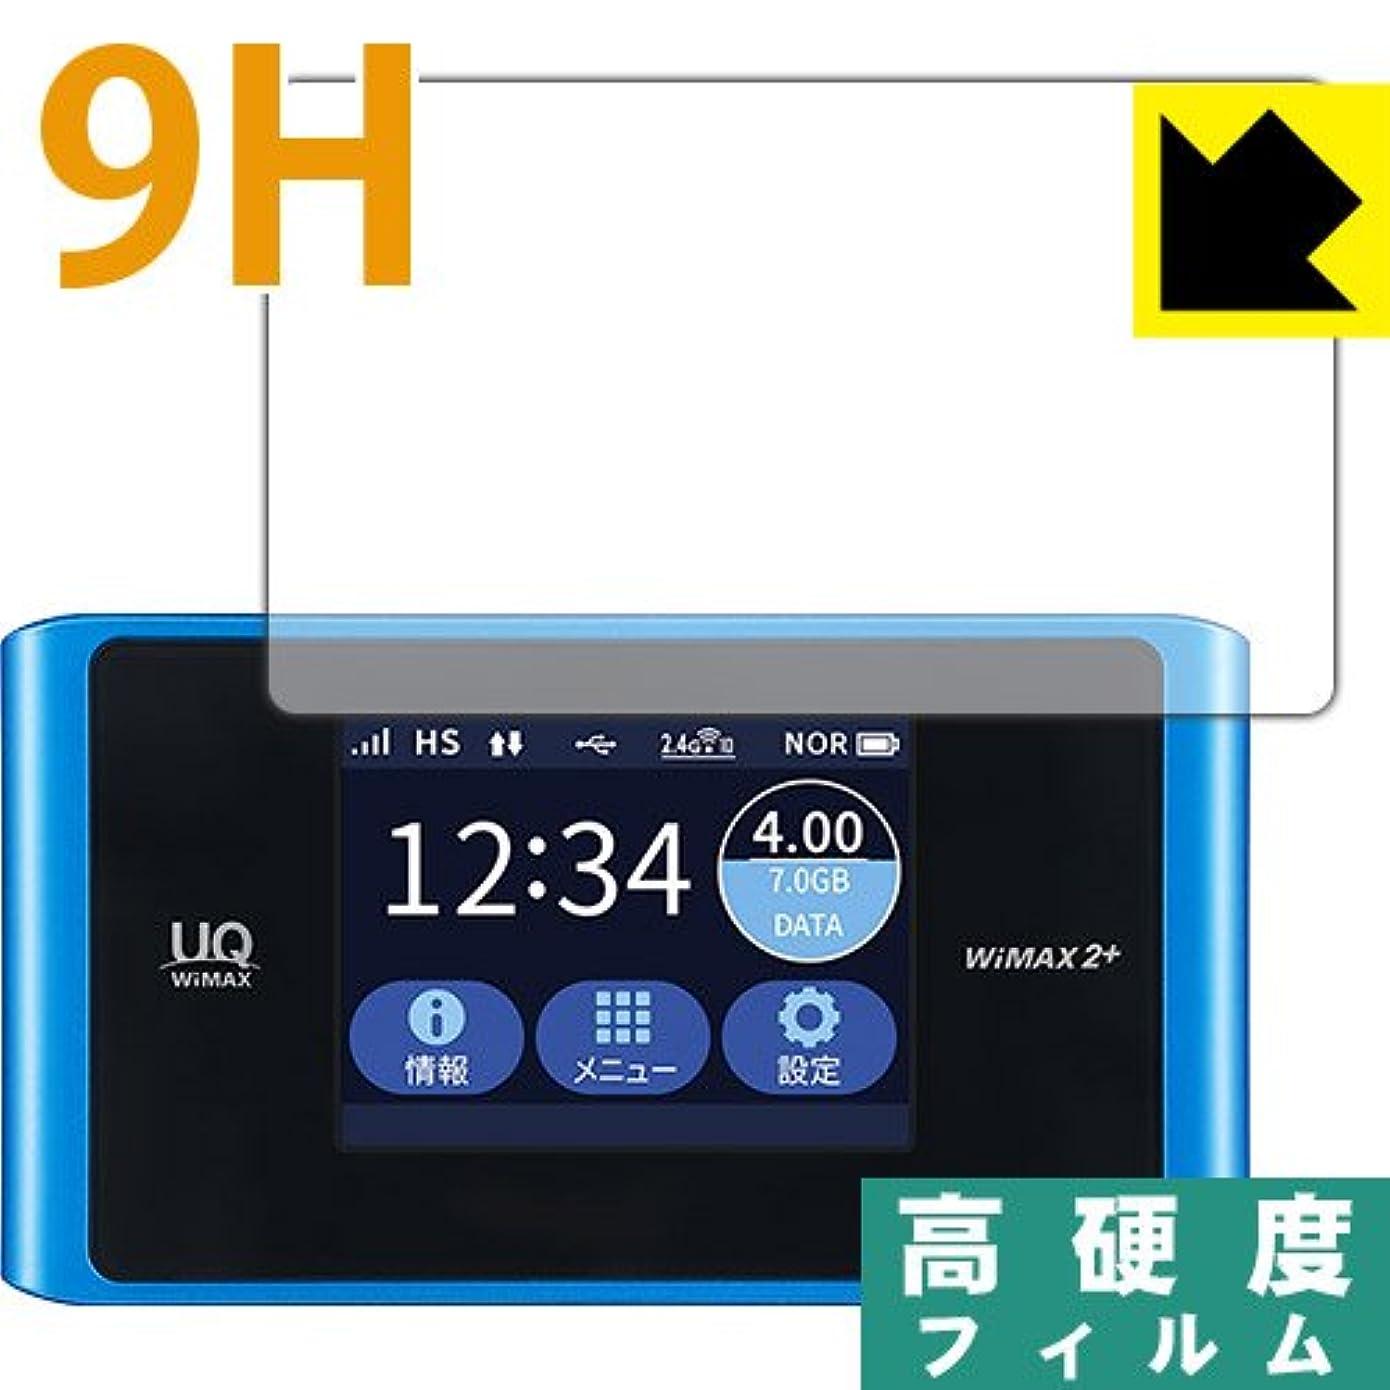 治安判事咽頭実際のPET製フィルムなのに強化ガラス同等の硬度 9H高硬度[光沢]保護フィルム Speed Wi-Fi NEXT WX04 日本製